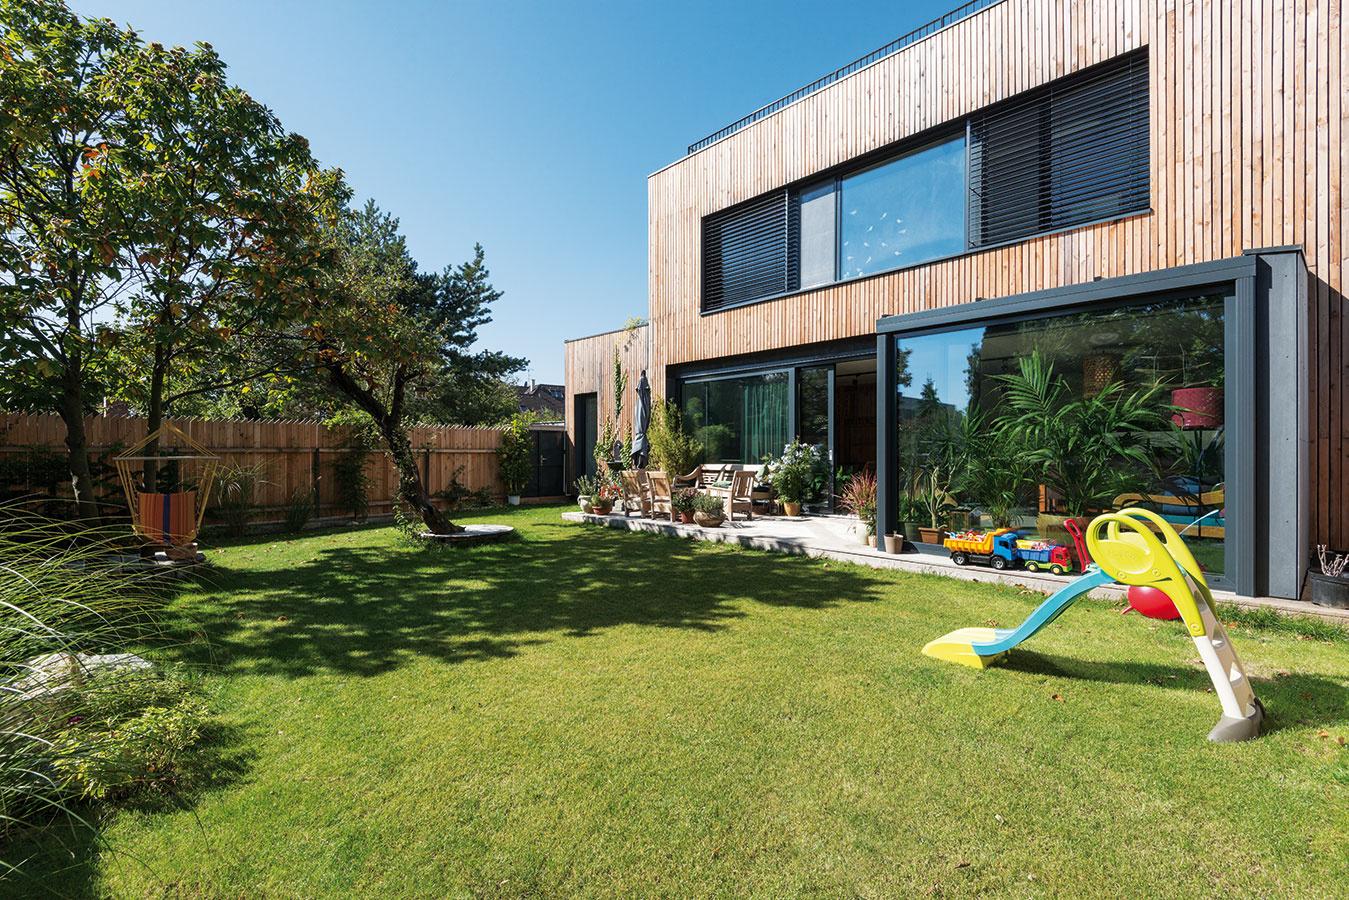 Obytná záhrada je súčasťou každodenného diania aj vdruhom zdomov. Otvorený denný priestor svoľným pôdorysom, ktorý zaberá takmer celé prízemie, je sňou rovnako intenzívne previazaný cez zasklenú stenu.